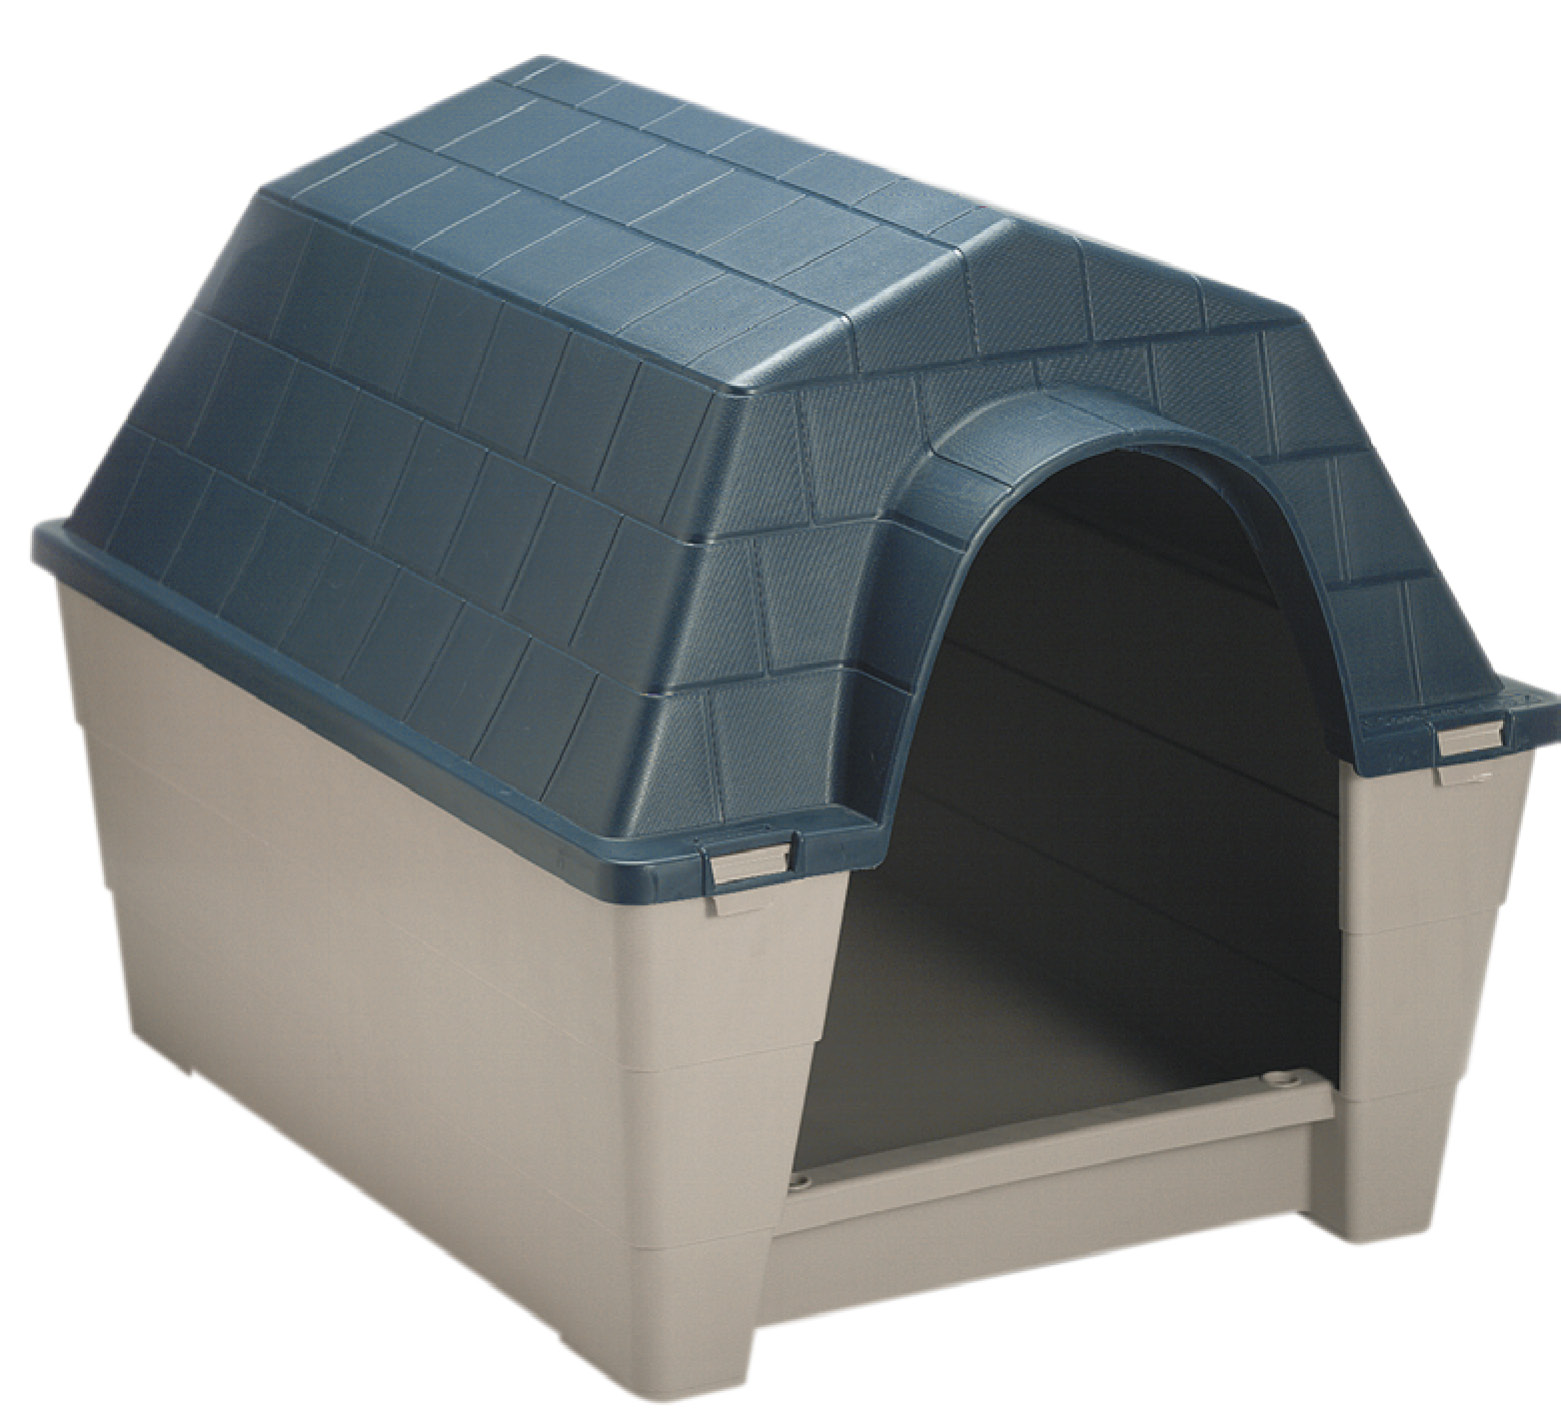 Casetas para perros casas para perros accesorios de perros for Casetas para perros aki